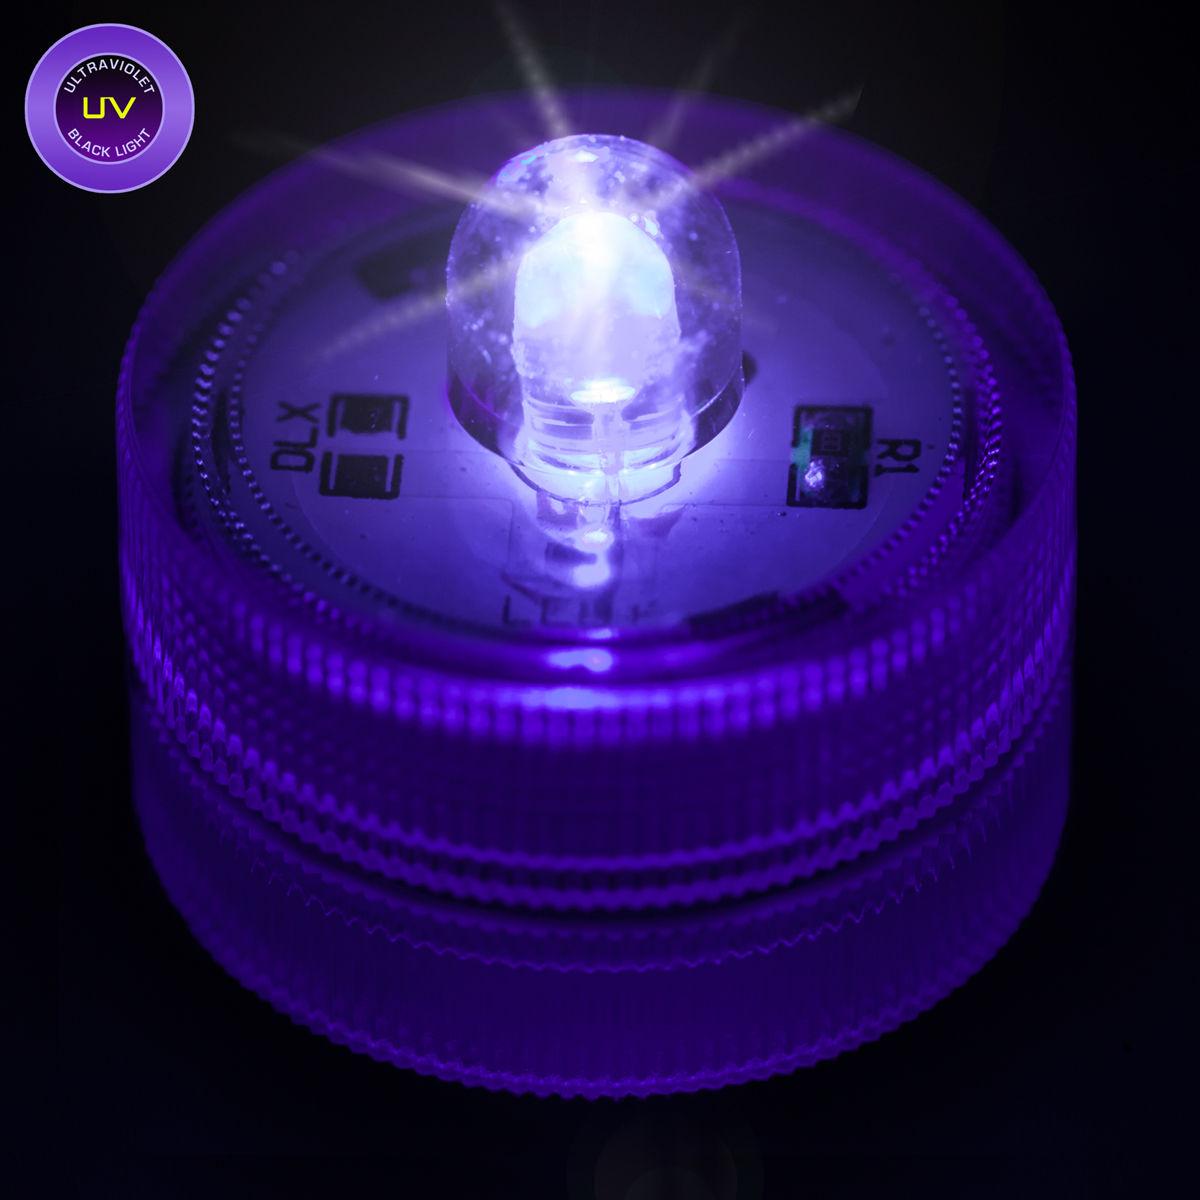 Led Shop Lights >> Ultra Violet Submersible LED Light - UV Black Light